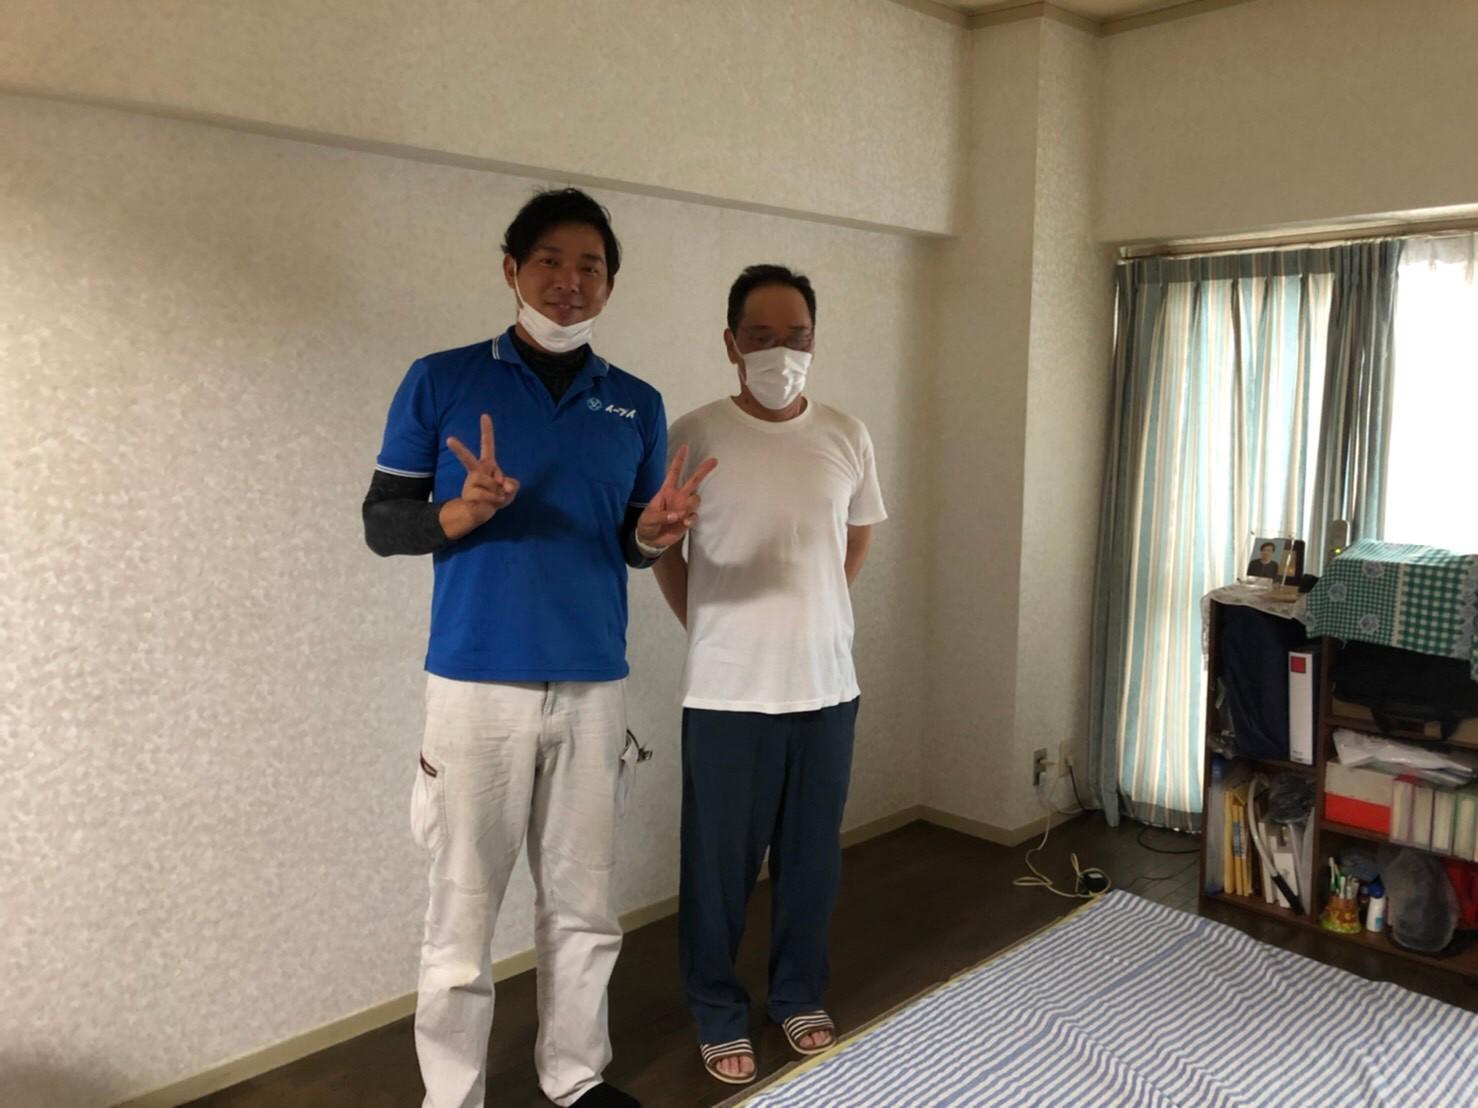 2020年6月30日大阪府大阪市港区で不用品の処分でイーブイ をご利用していただいたお客様です。